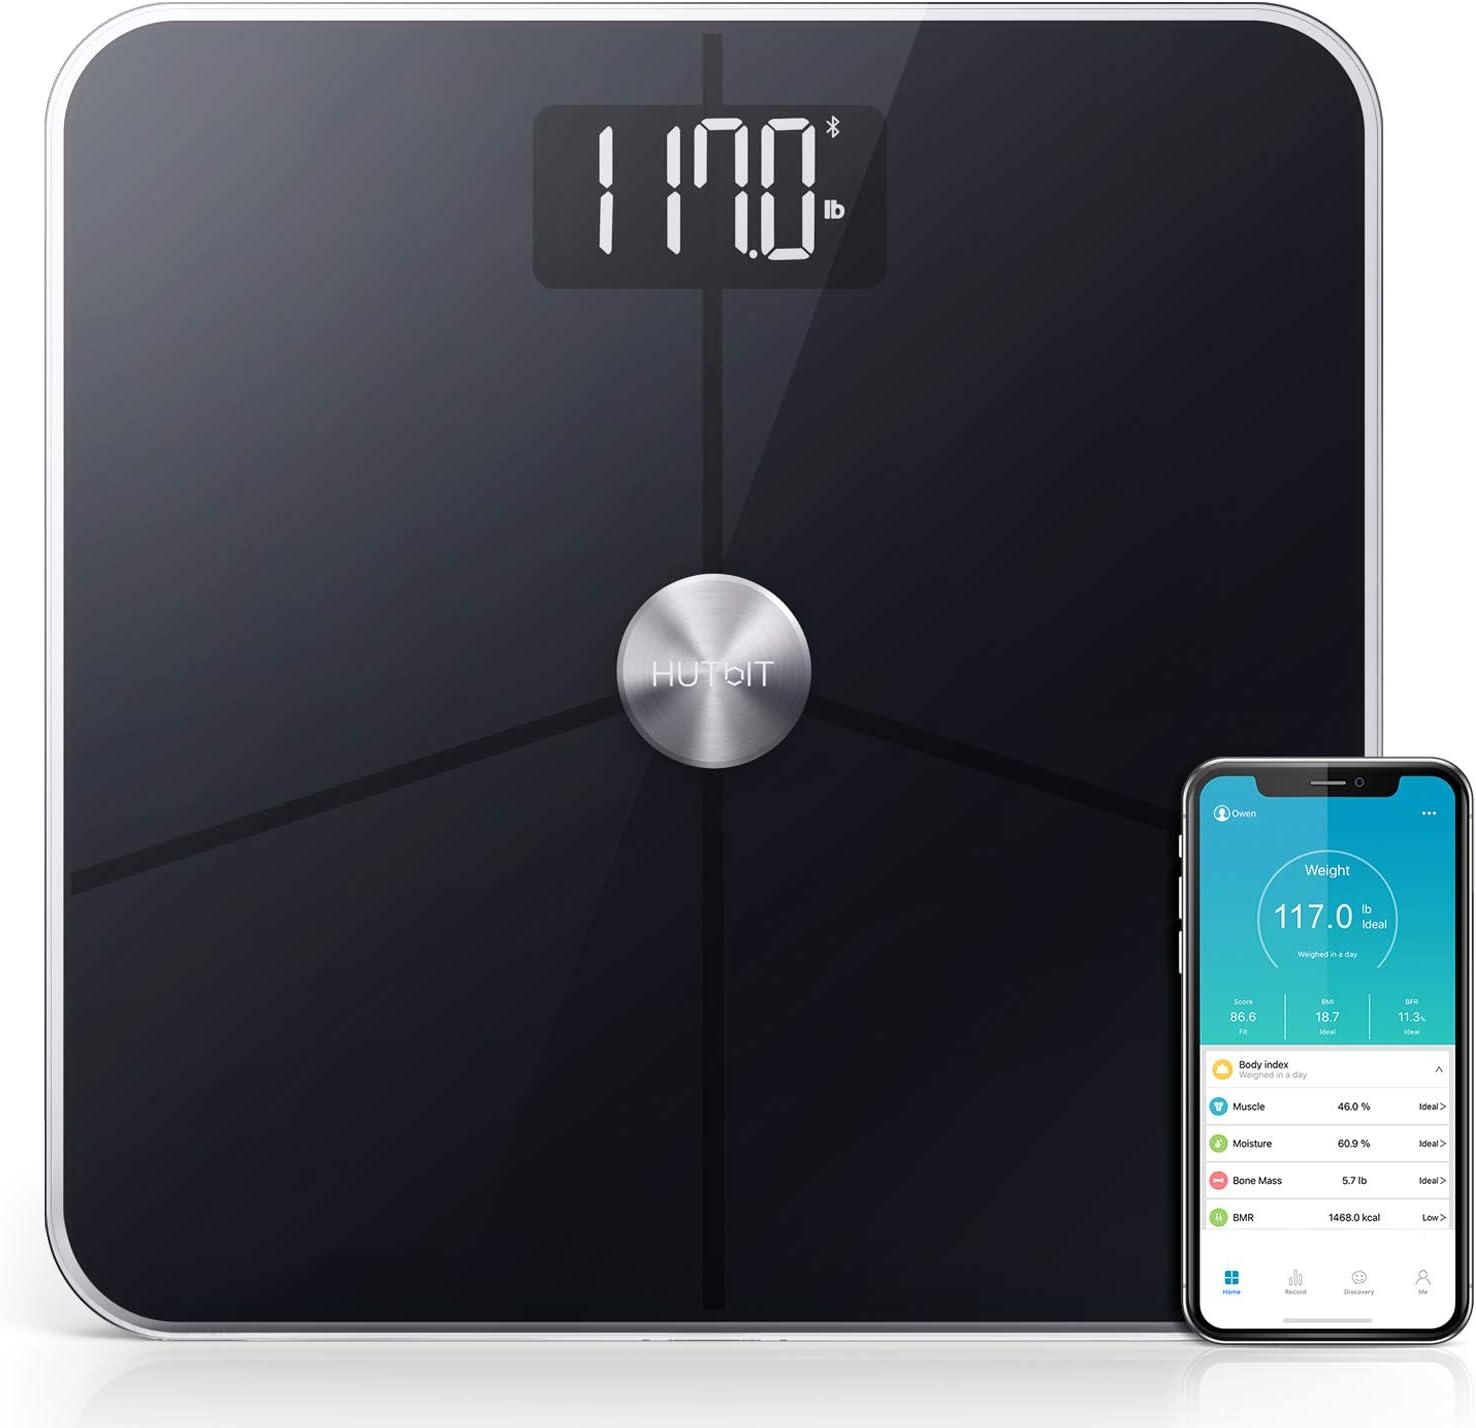 Bascula Grasa Corporal, Báscula HUTbIT BMI Escala de peso de baño ...